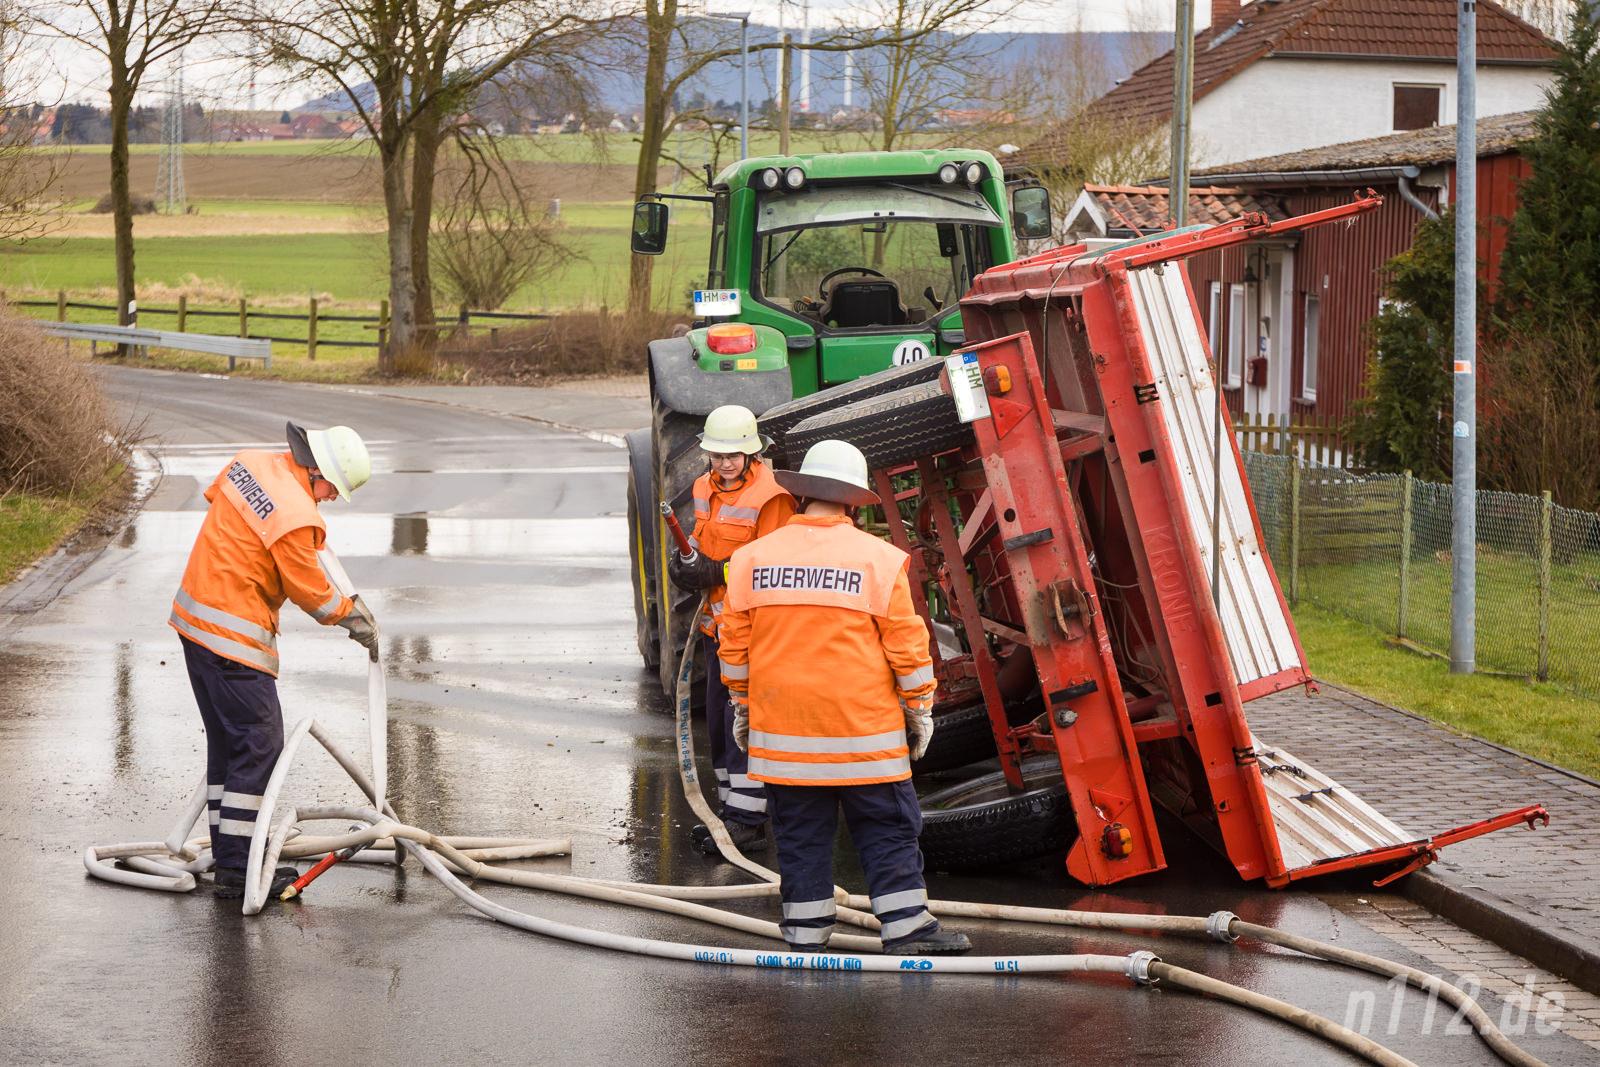 Der umgestürzte Anhänger wird von der Feuerwehr mit Wasser gereinigt (Alle Fotos: n112.de/Stefan SImonsen